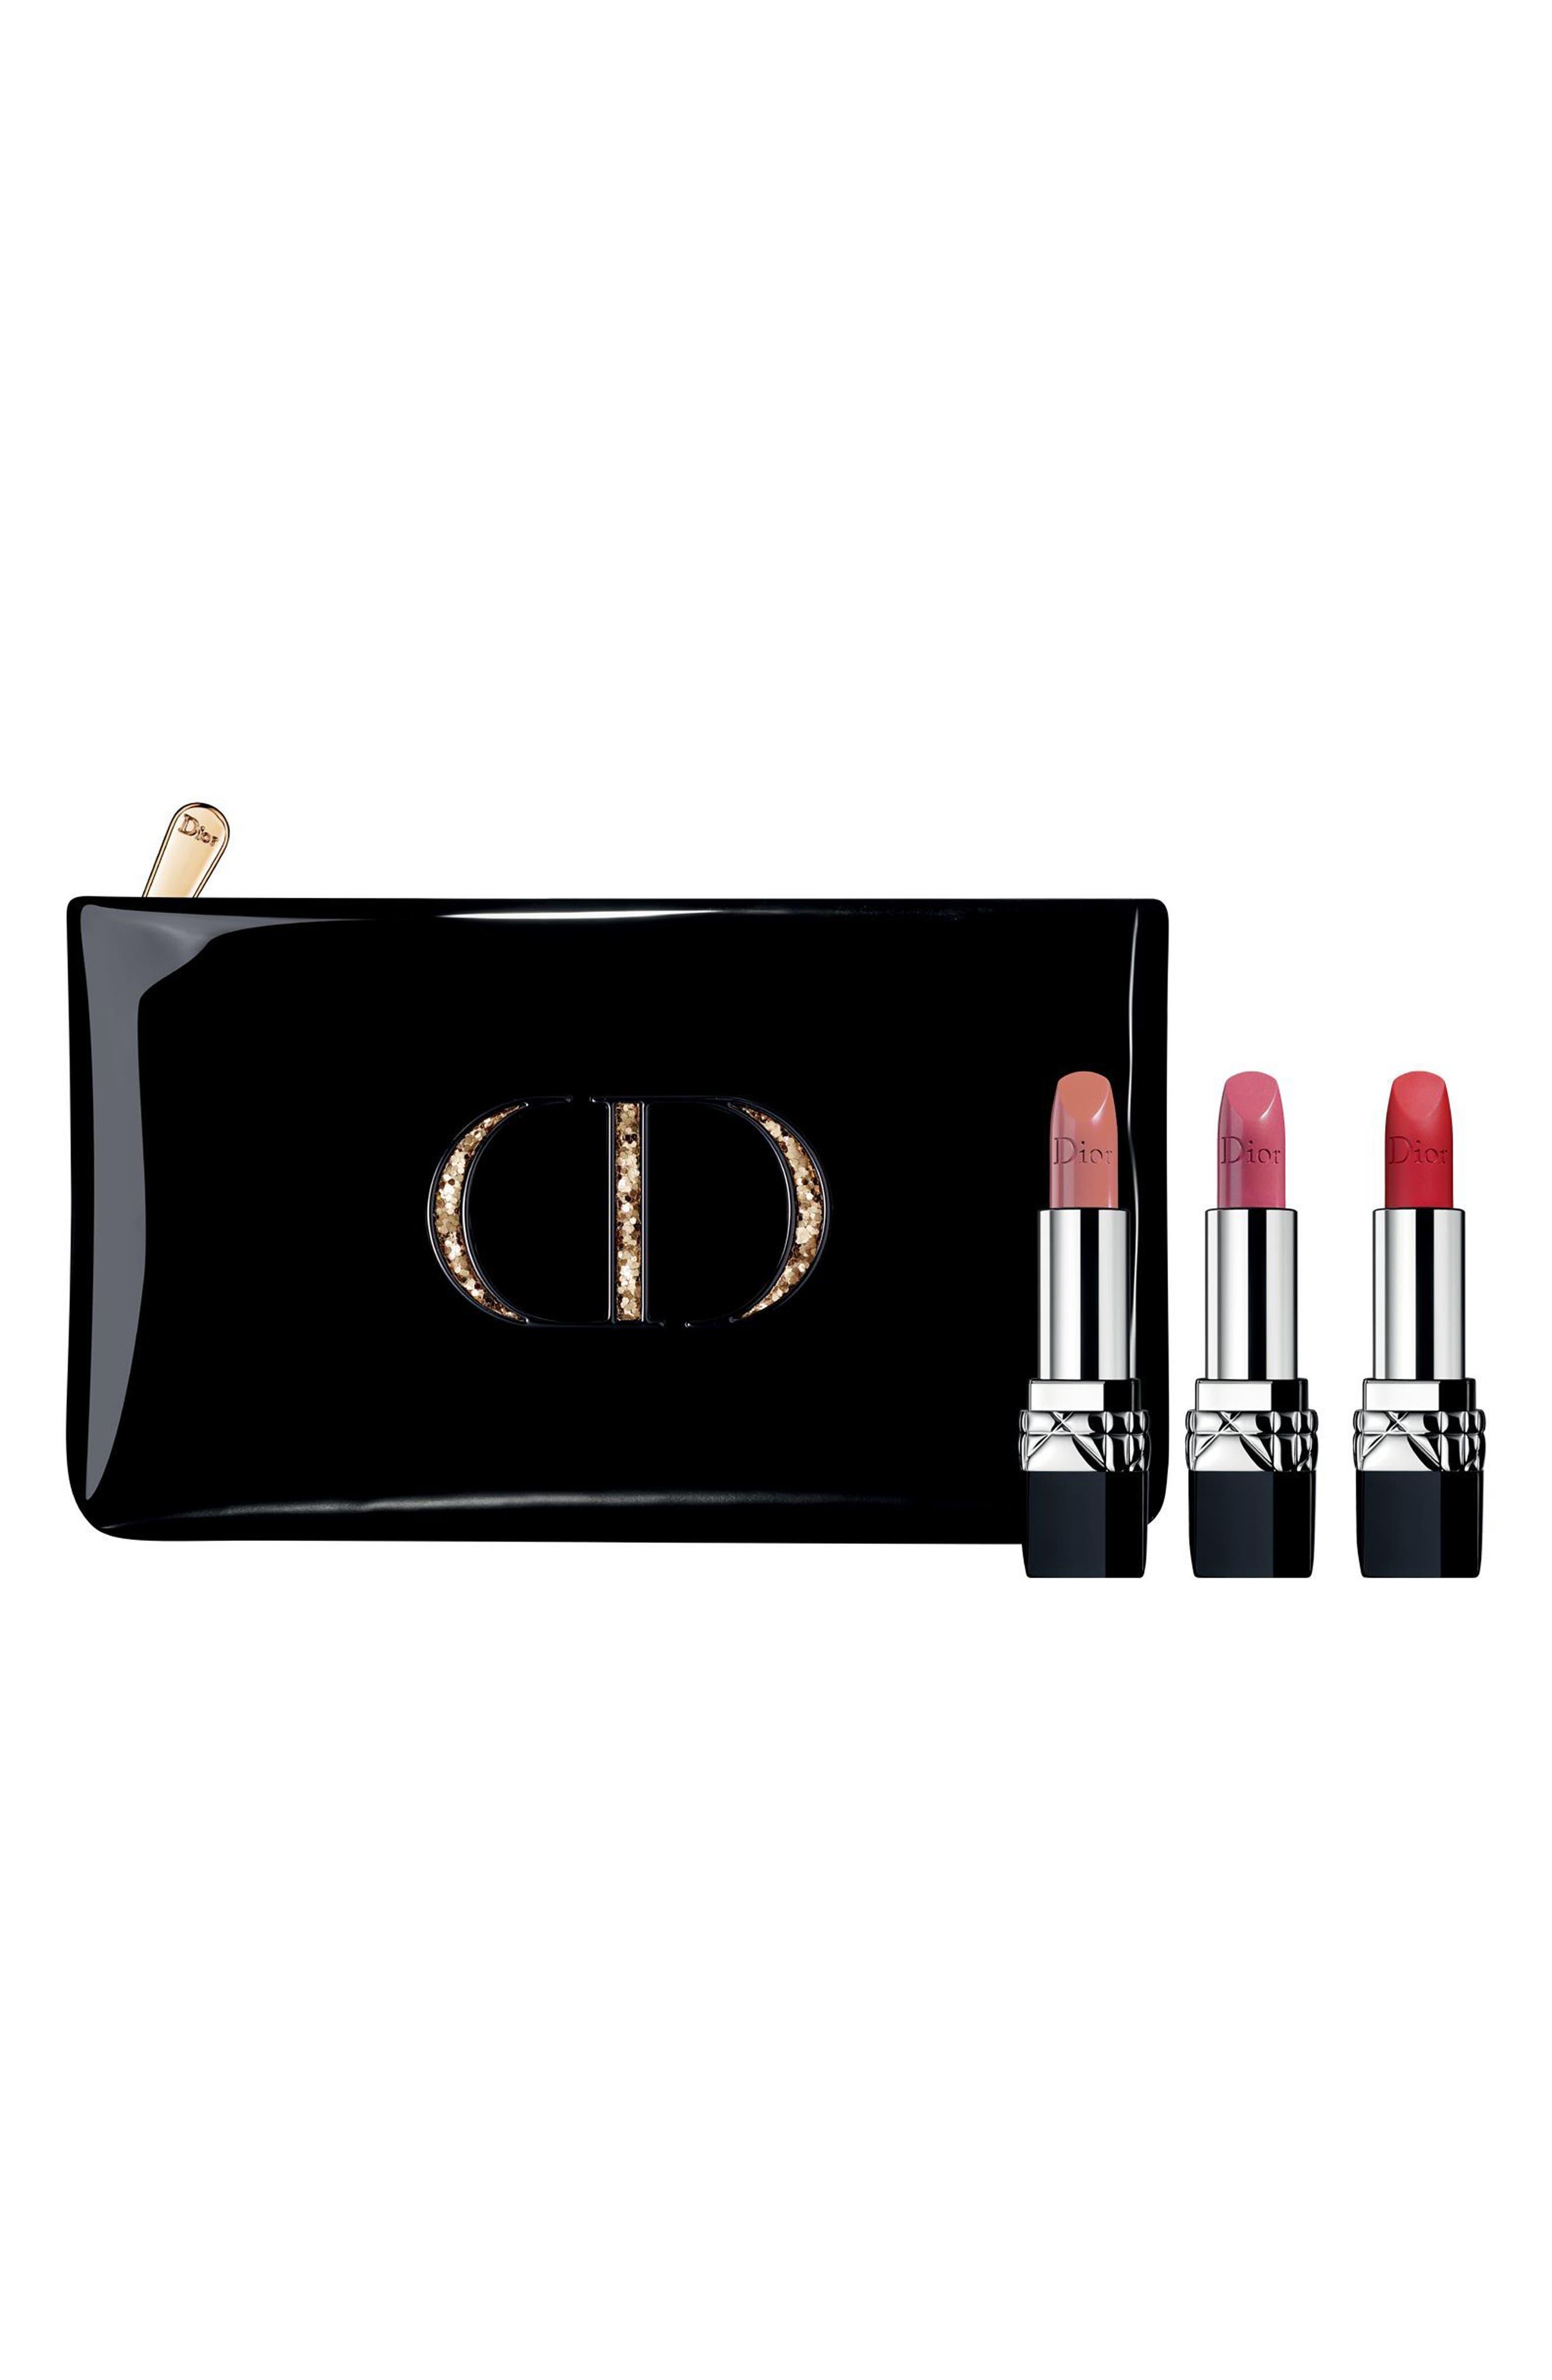 Dior Rouge Dior Lipstick Trio